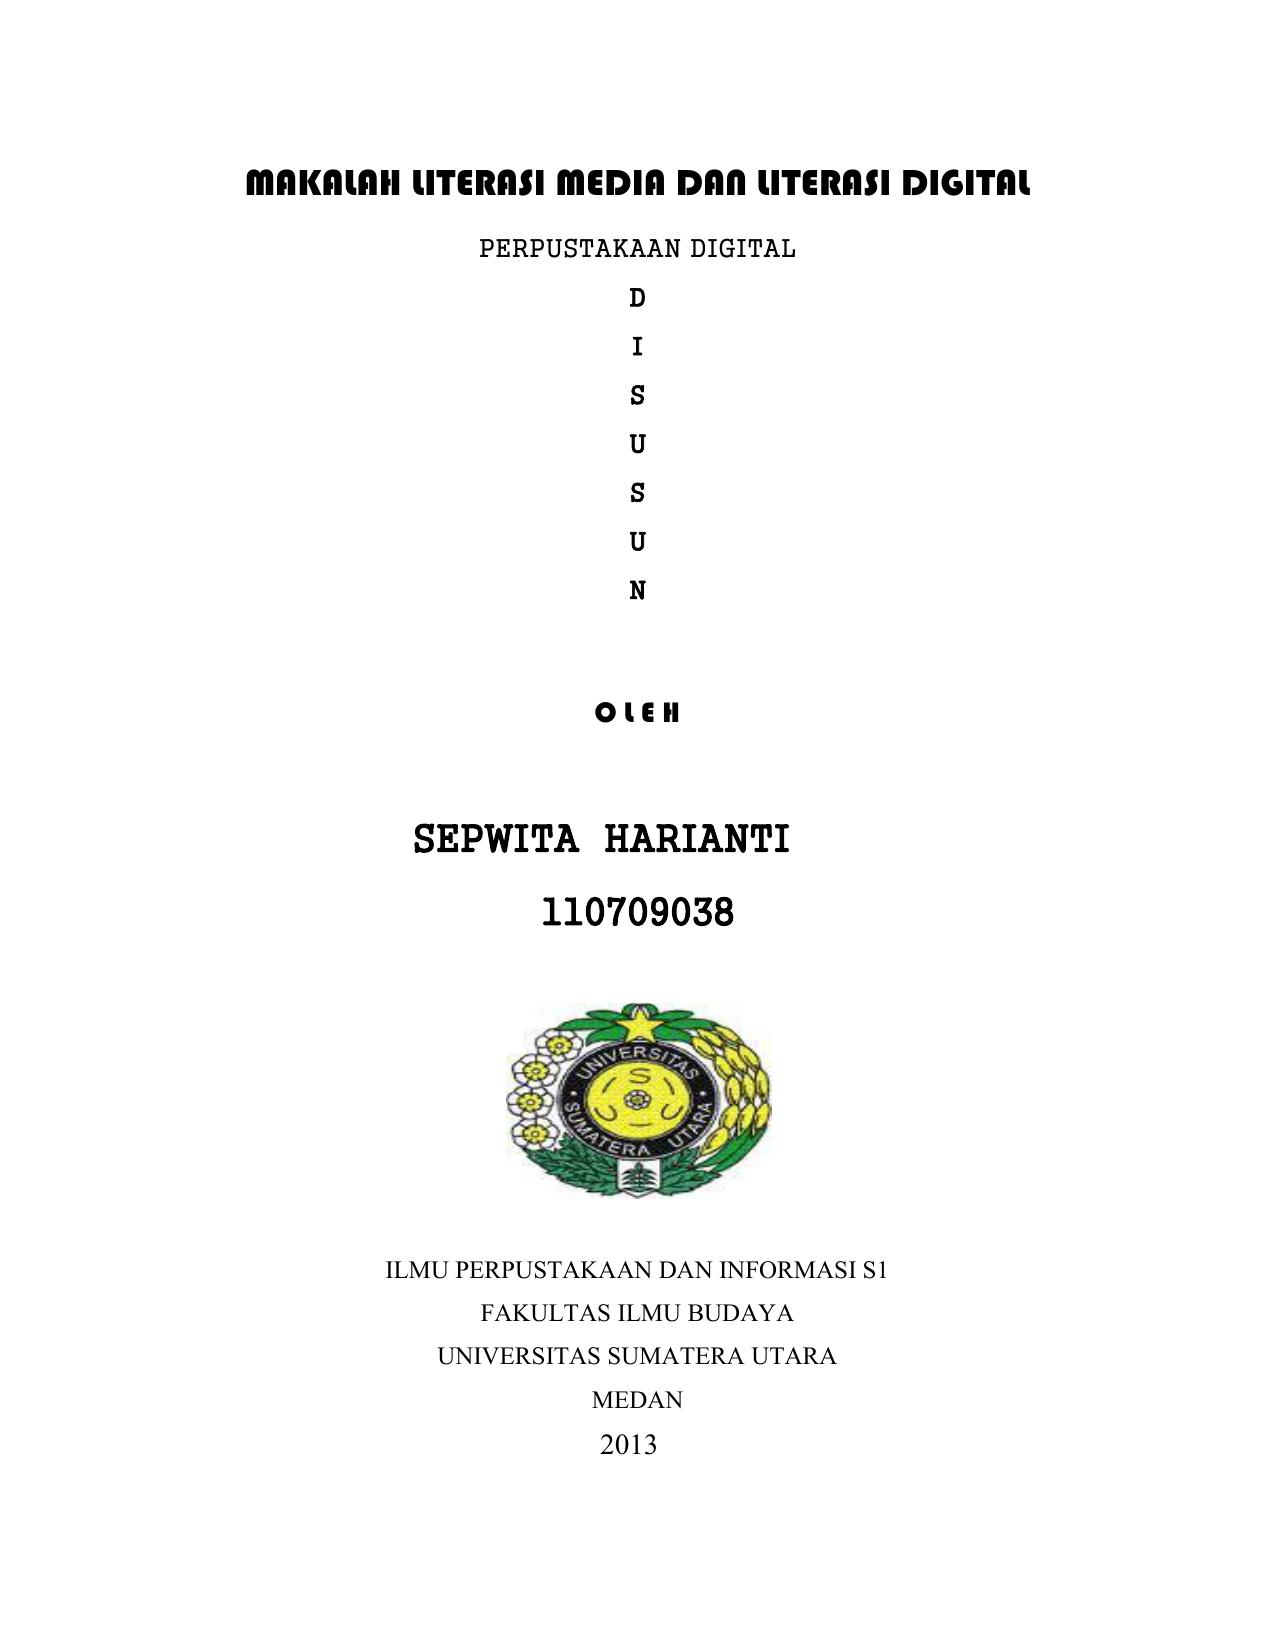 Makalah Literasi Media Dan Literasi Digital Sepwita Harianti 110709038